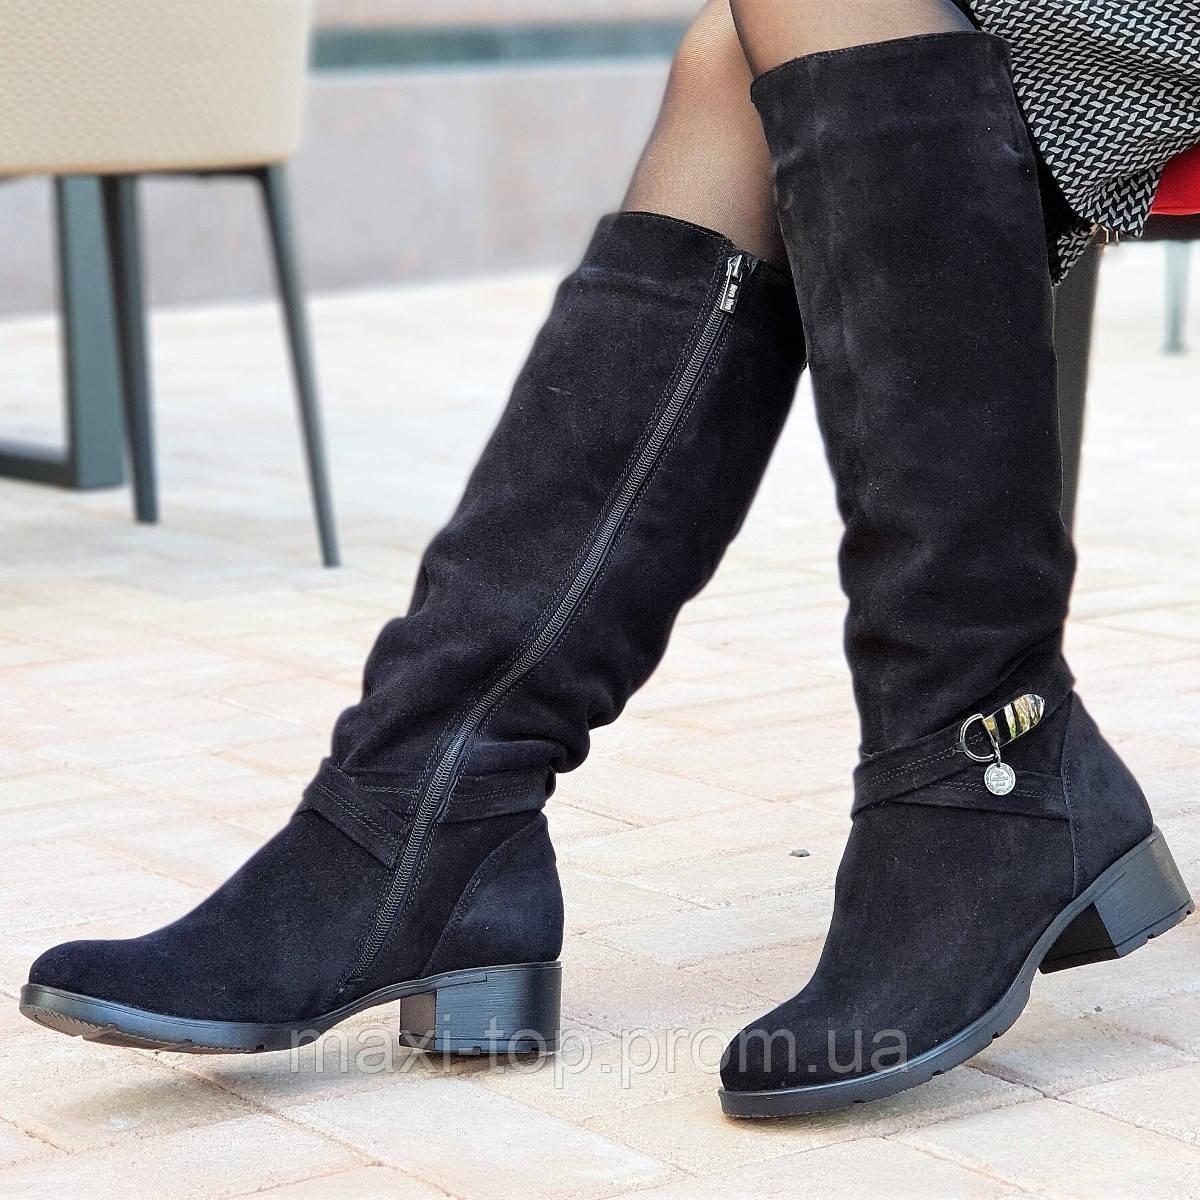 585a684d0 Женские зимние сапоги элегантные натуральная замша черные полушерсть  удобные стильные (Код: М1248) -